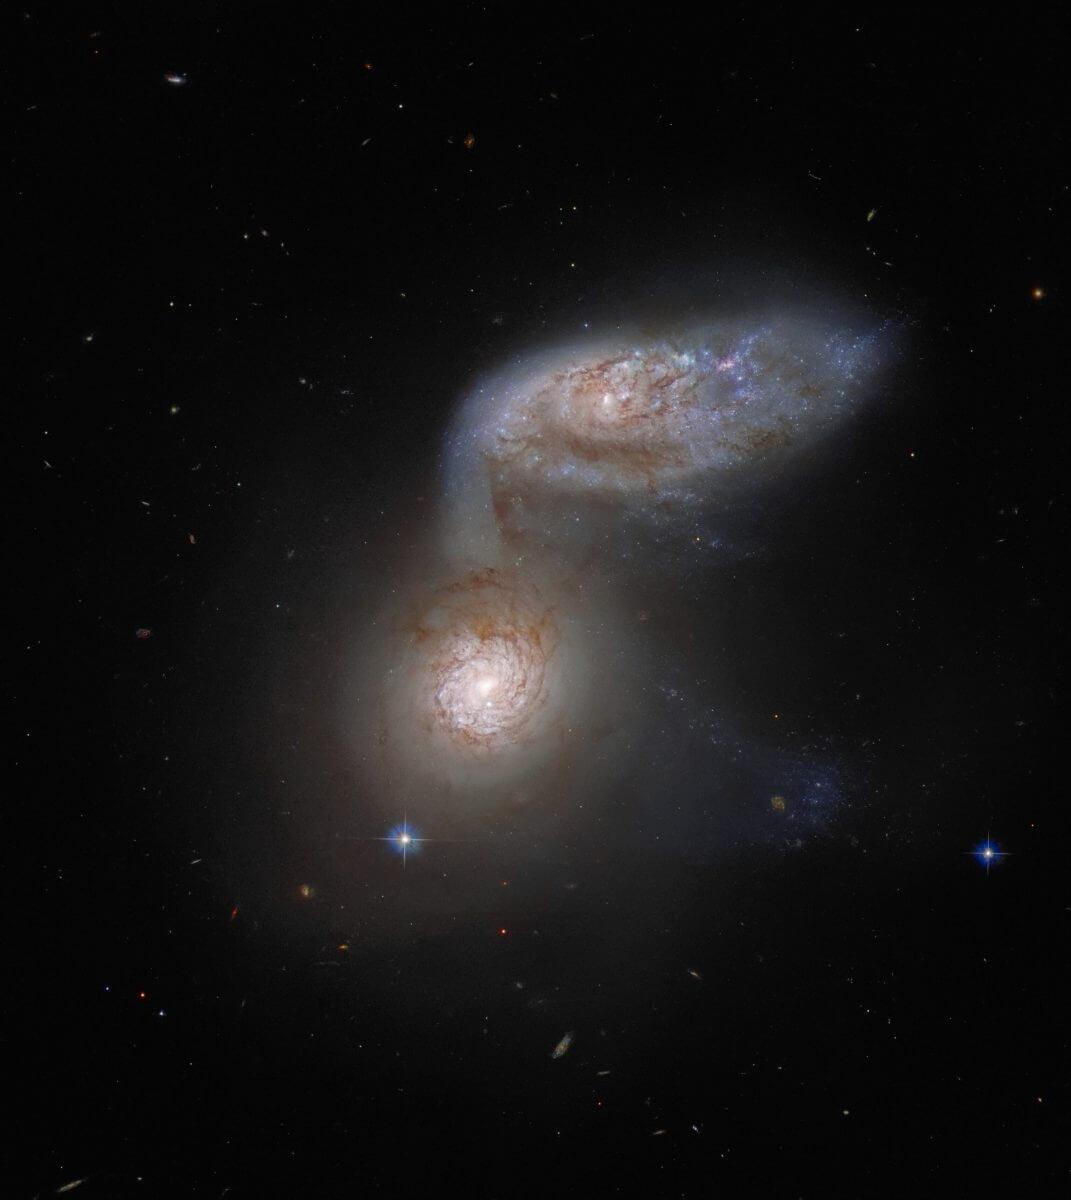 相互作用銀河「Arp 91」(Credit: ESA/Hubble & NASA, J. Dalcanton; Acknowledgement: J. Schmidt)